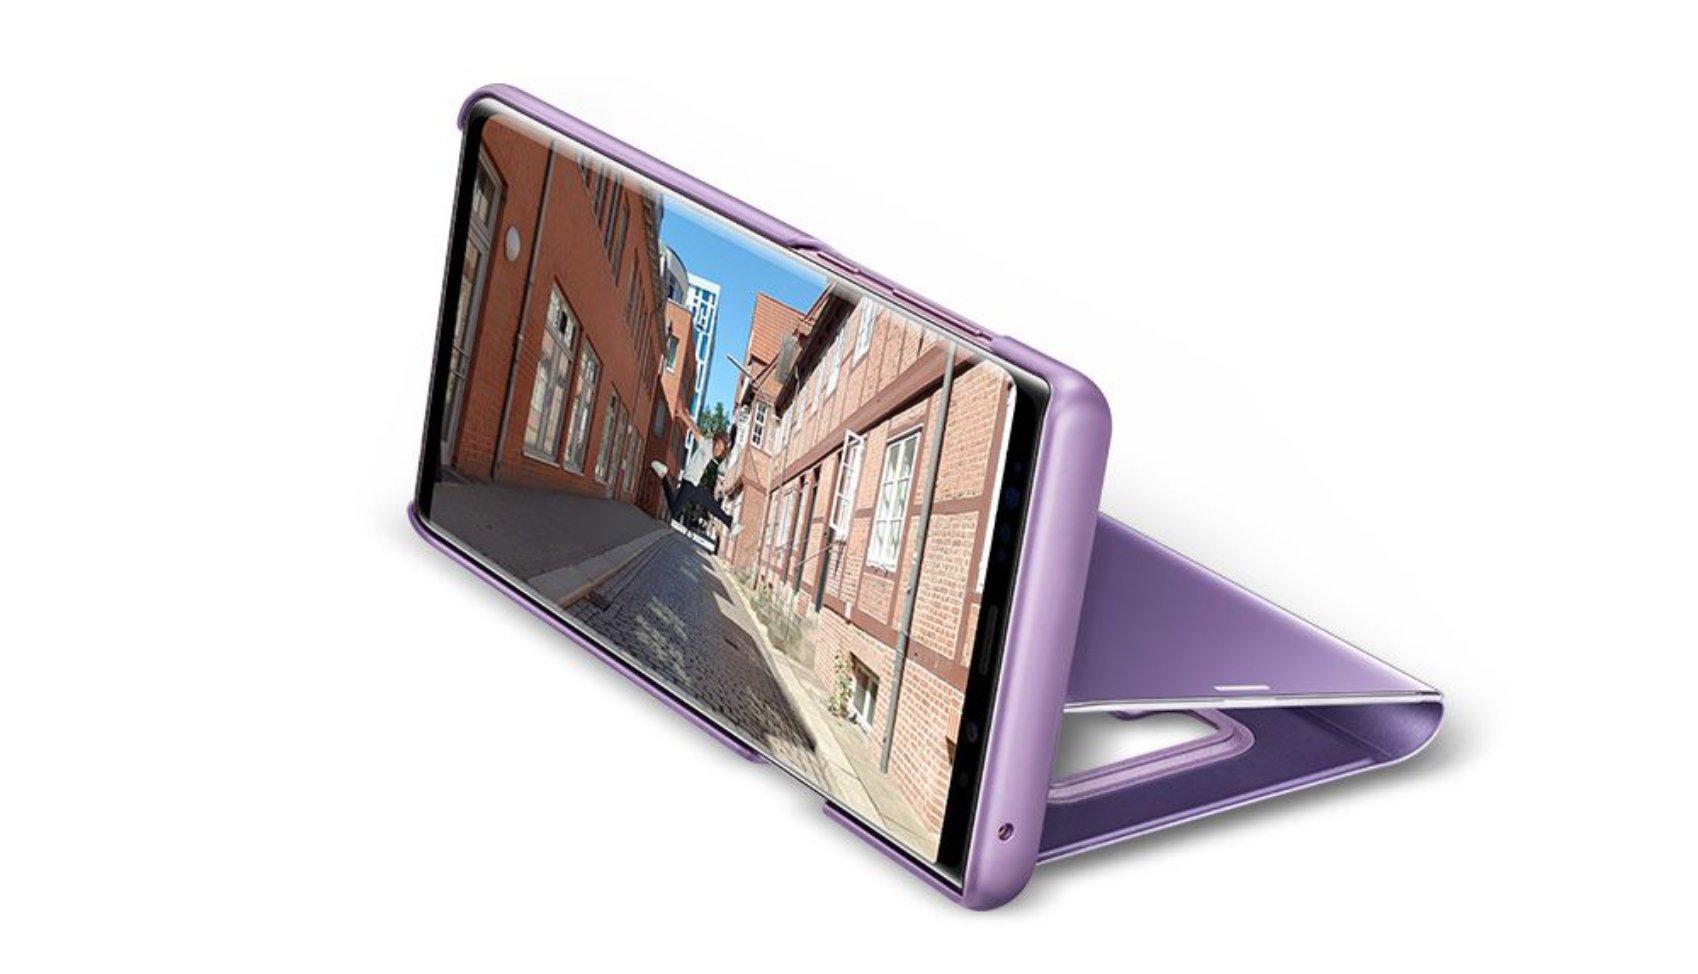 Samsung Galaxy Note 9-Zubehör